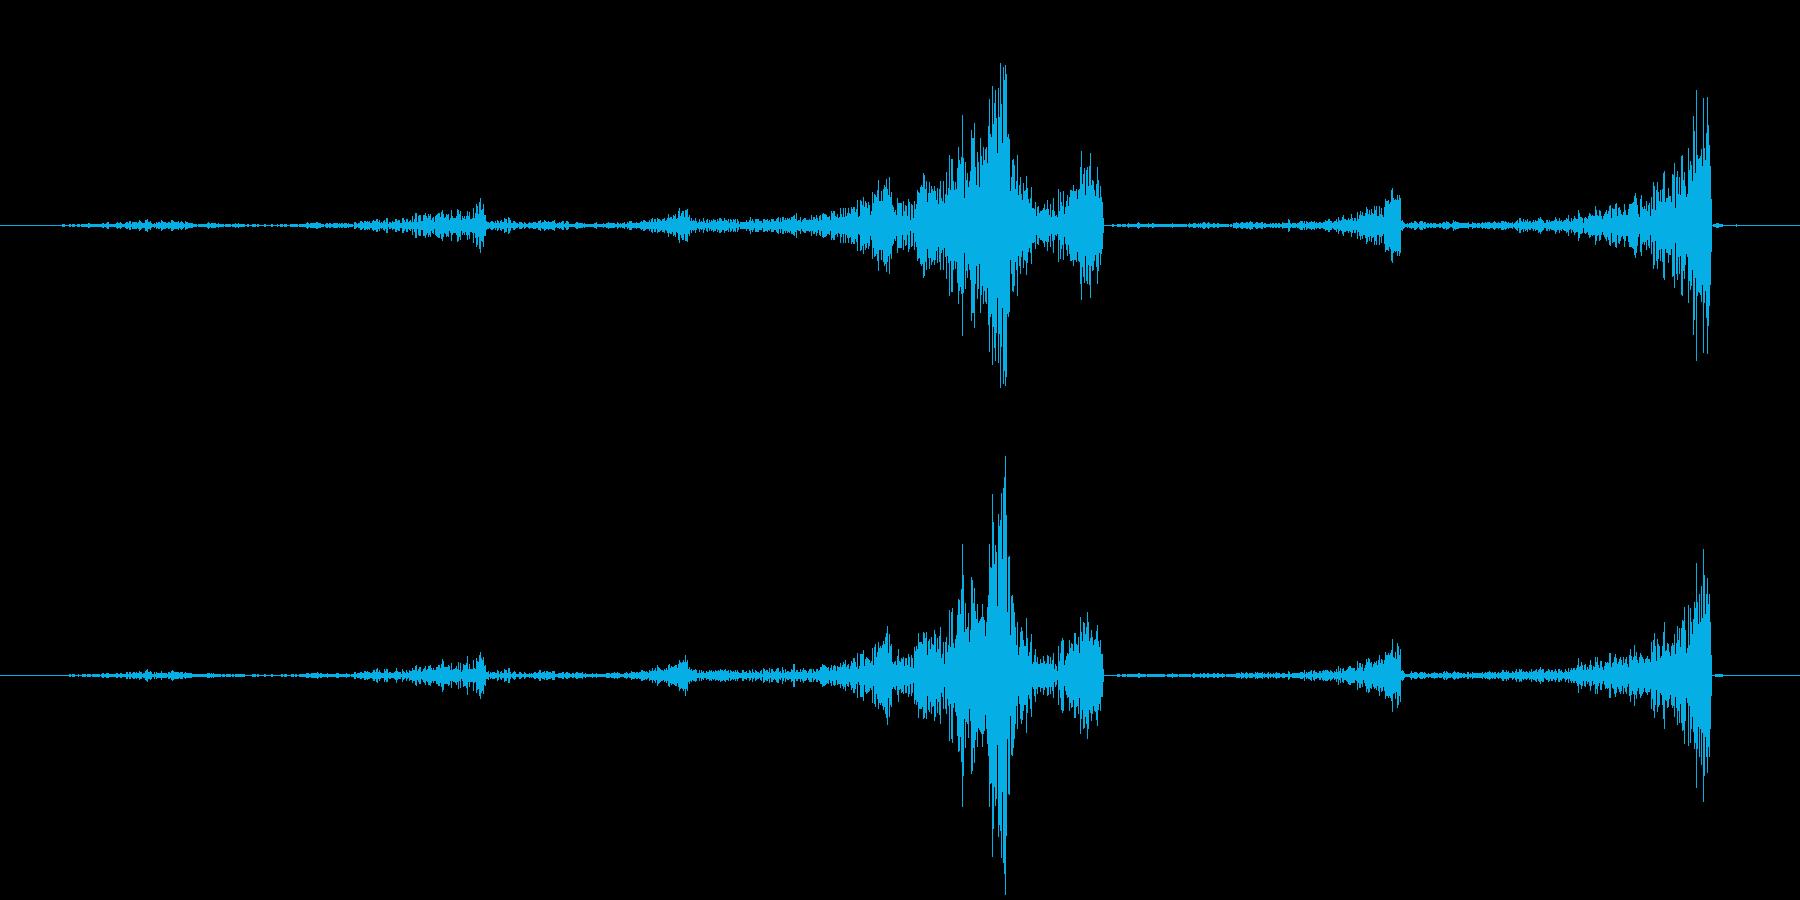 連続のリバース音の再生済みの波形